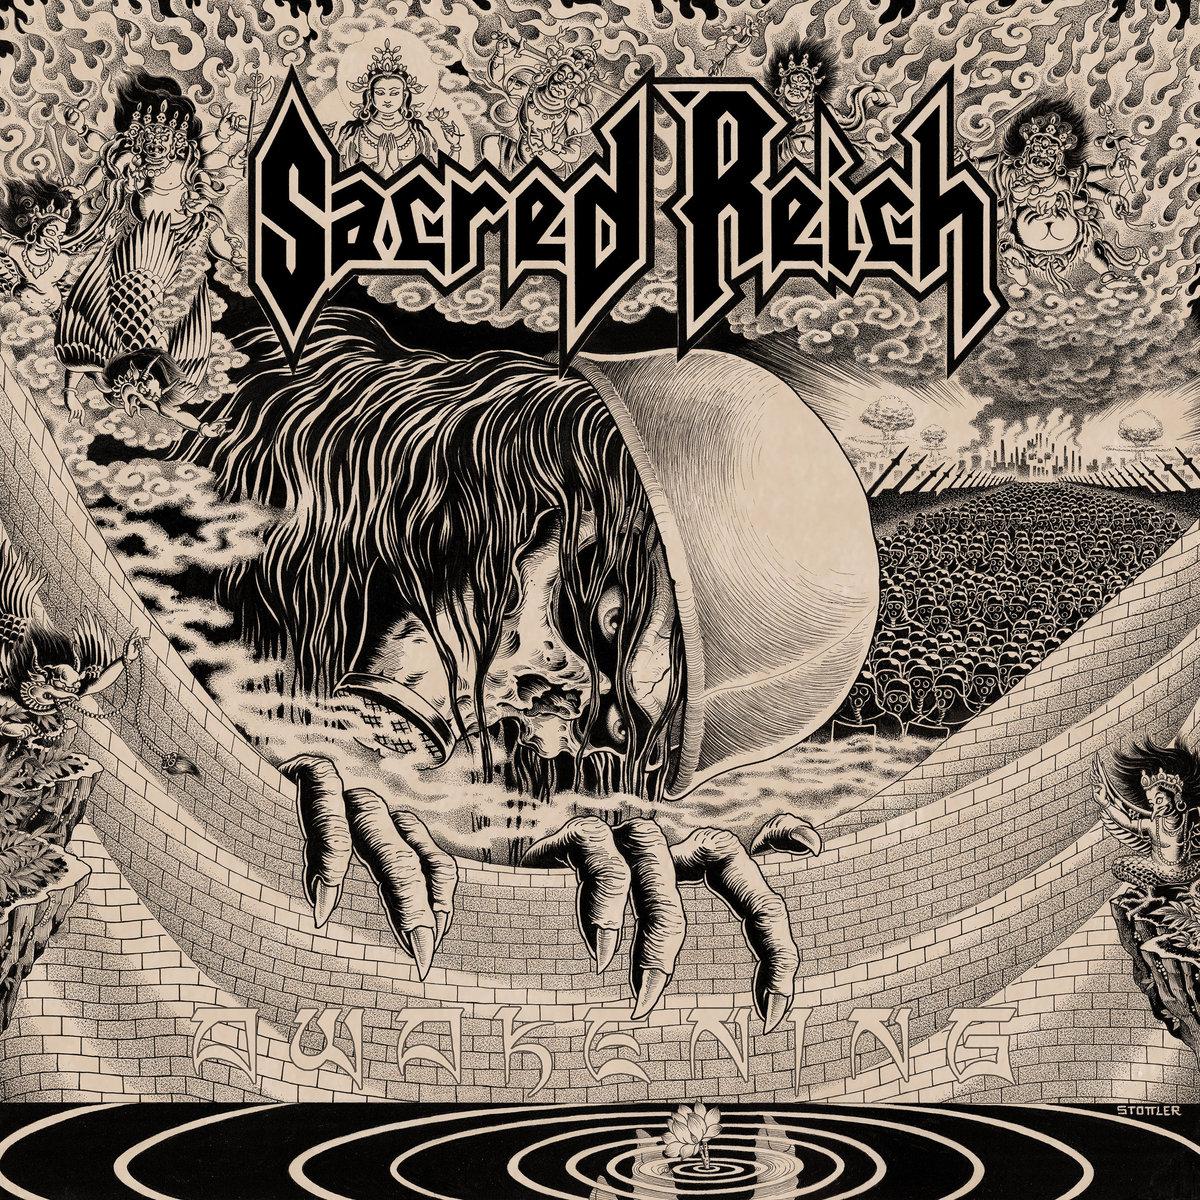 sacred reich – awakening